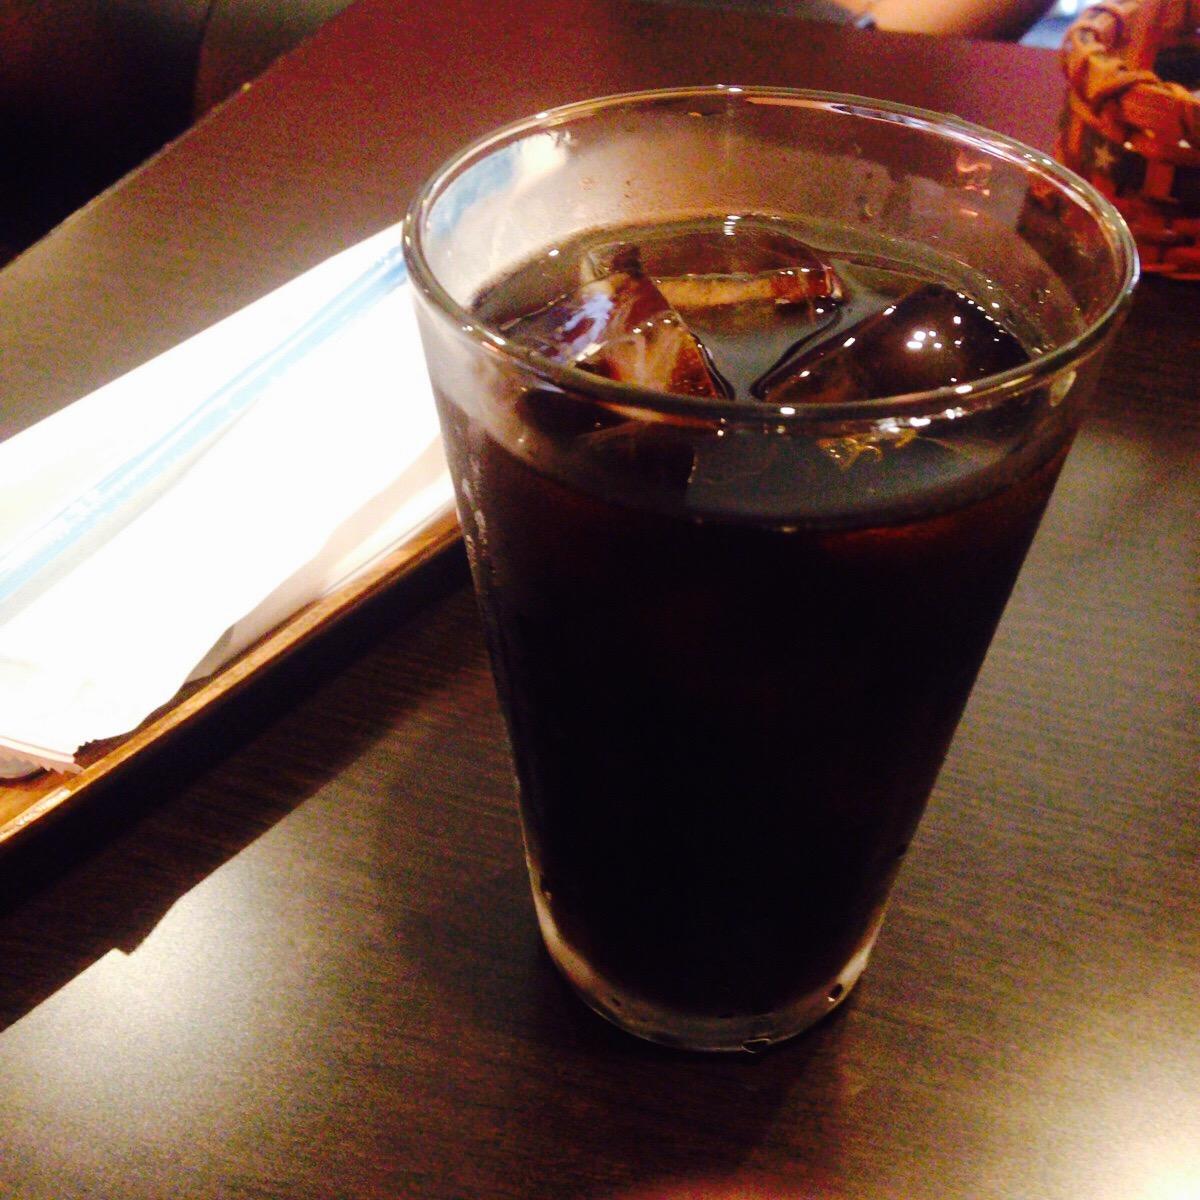 雰囲気が良く、味・ボリューム抜群の大人気ハンバーガーカフェ『66(ダブルシックス)』(千葉県柏市)